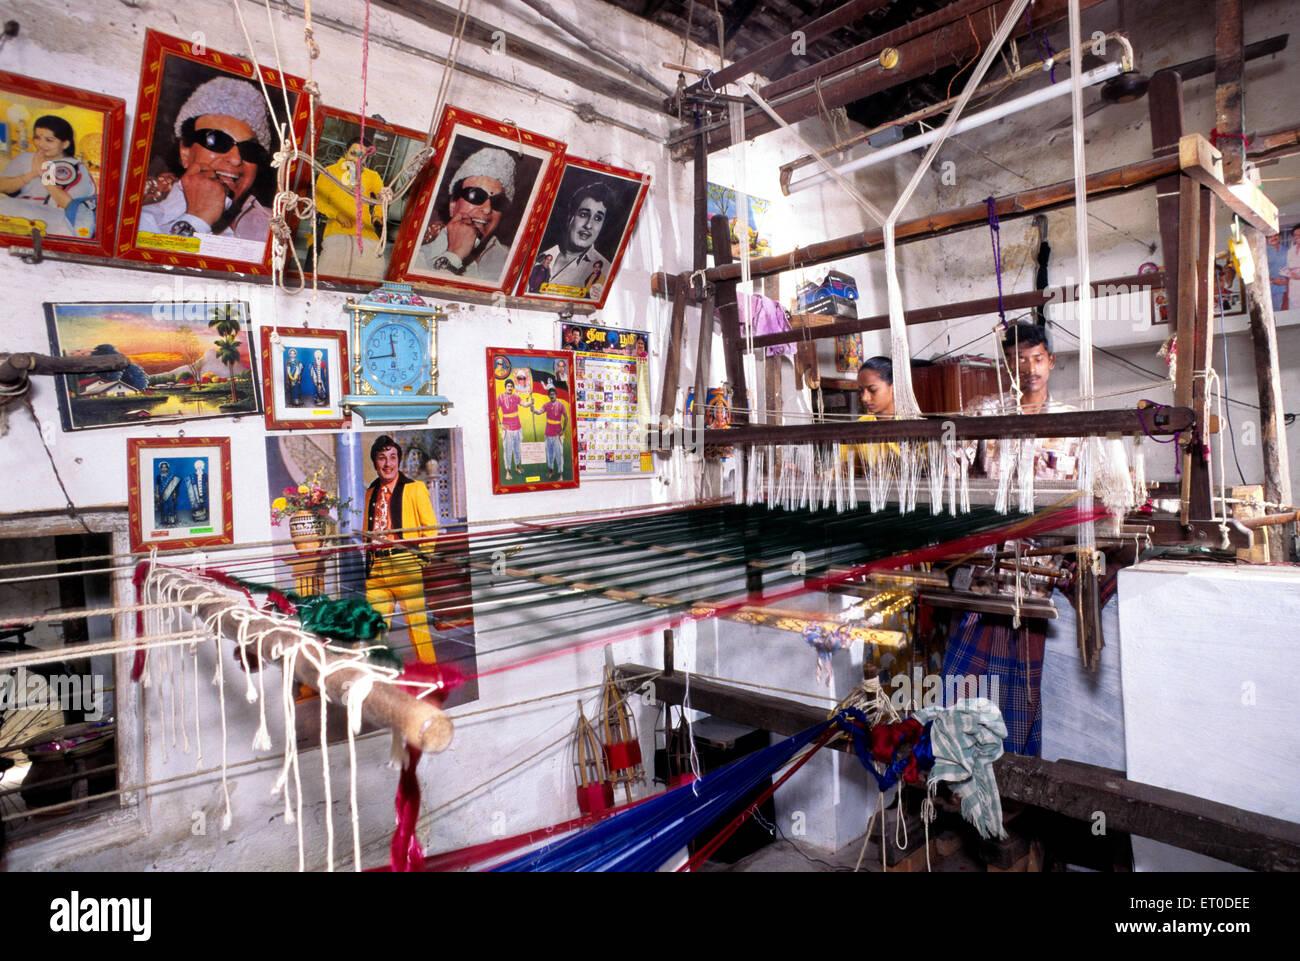 Kanchipuram silk woven by weavers ; Kanchipuram ; Tamil Nadu ; India NO MR - Stock Image